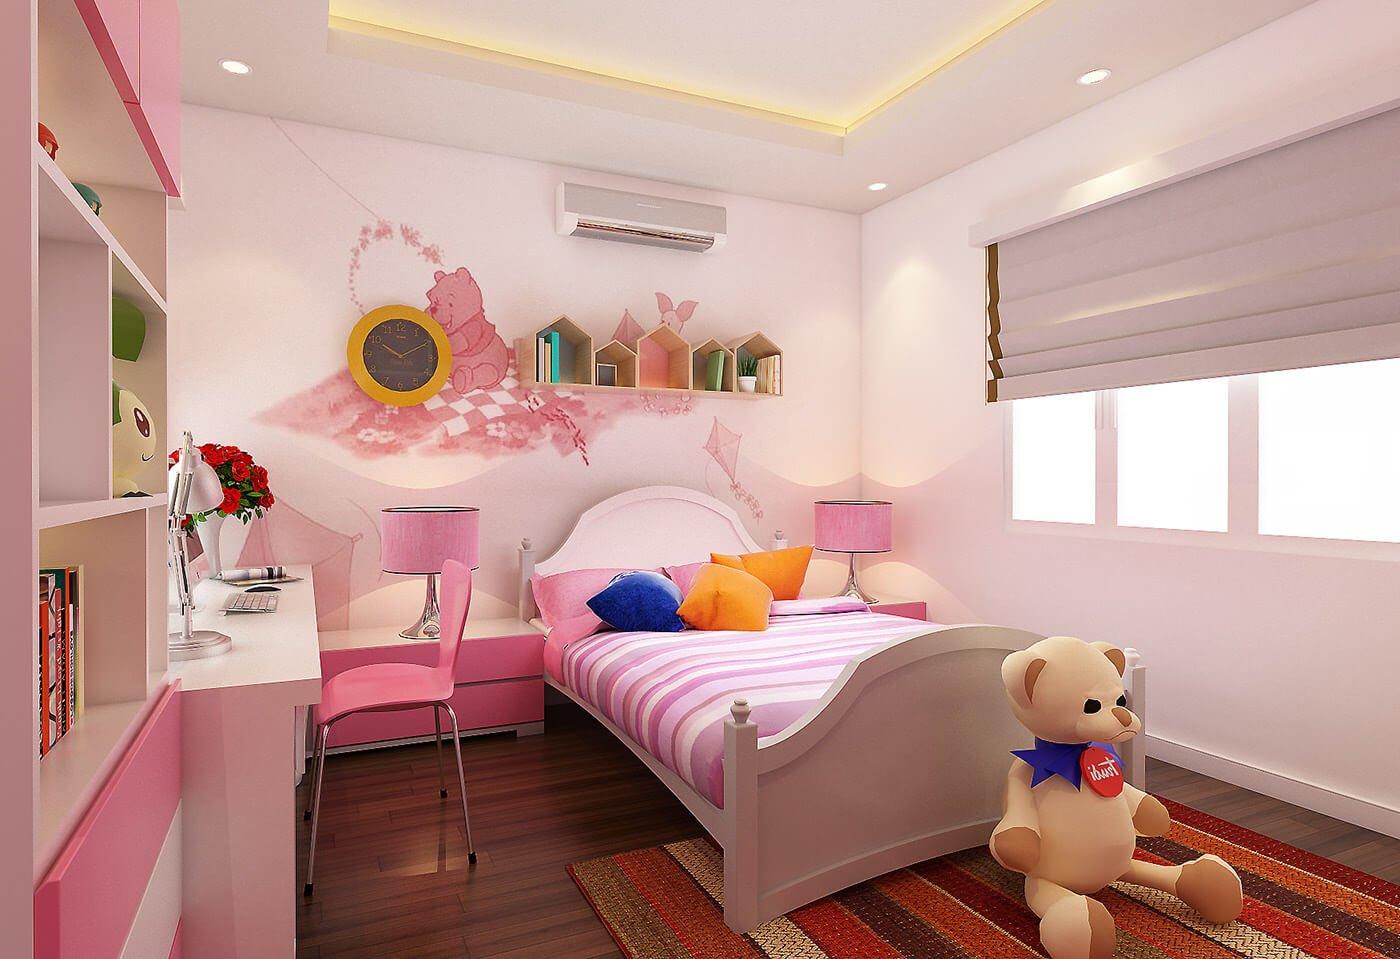 biệt thự 2 tầng mái thái phòng ngủ bé gái